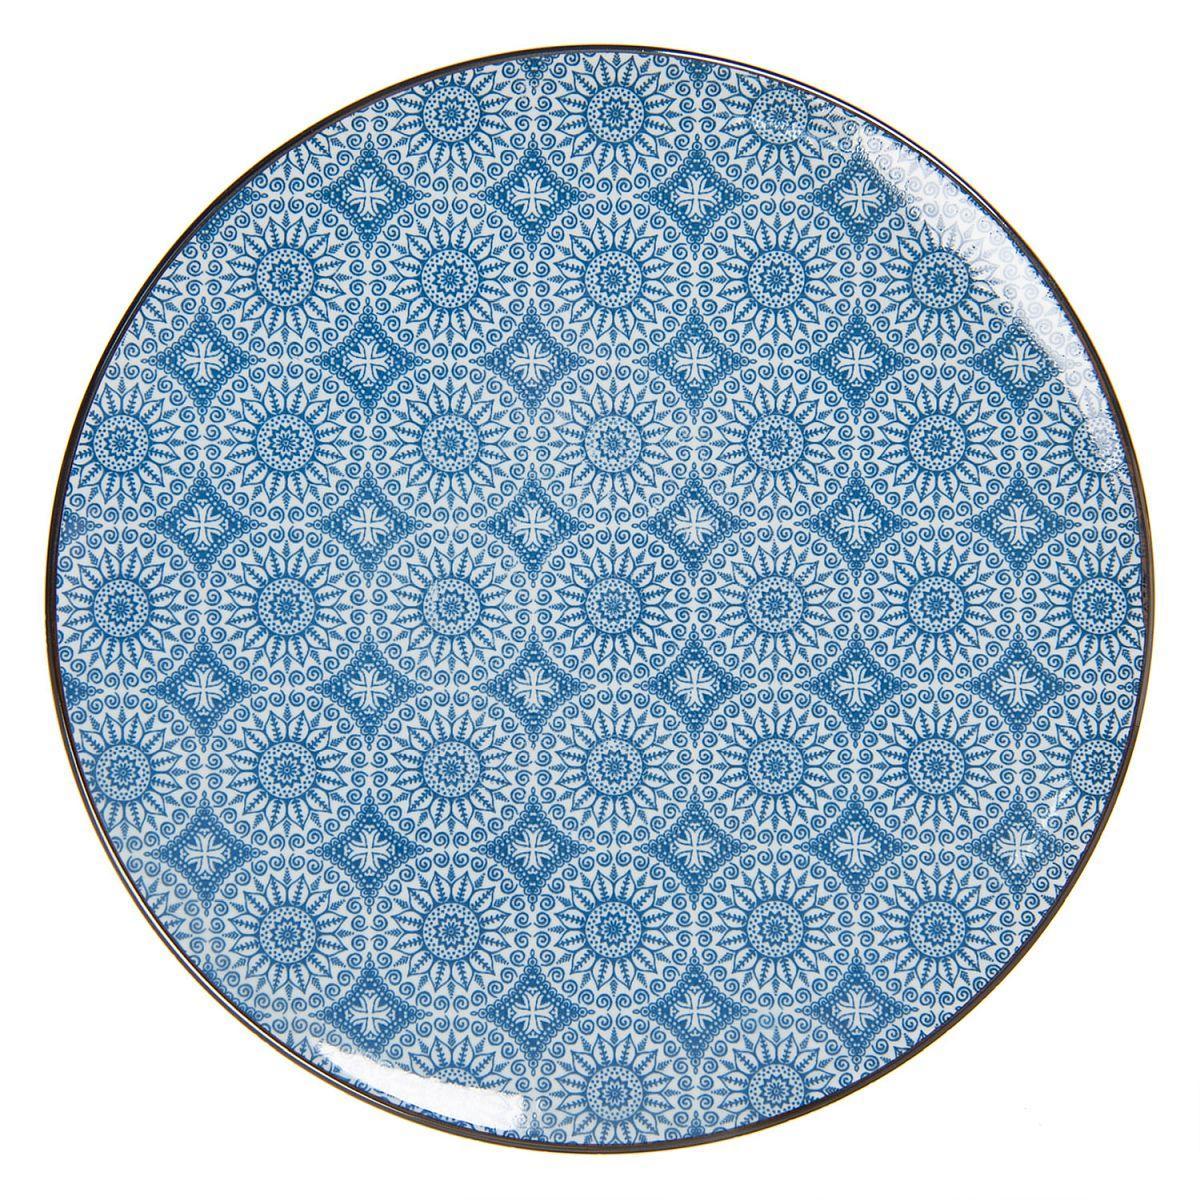 Jídelní talíř BLUE ORNAMENT